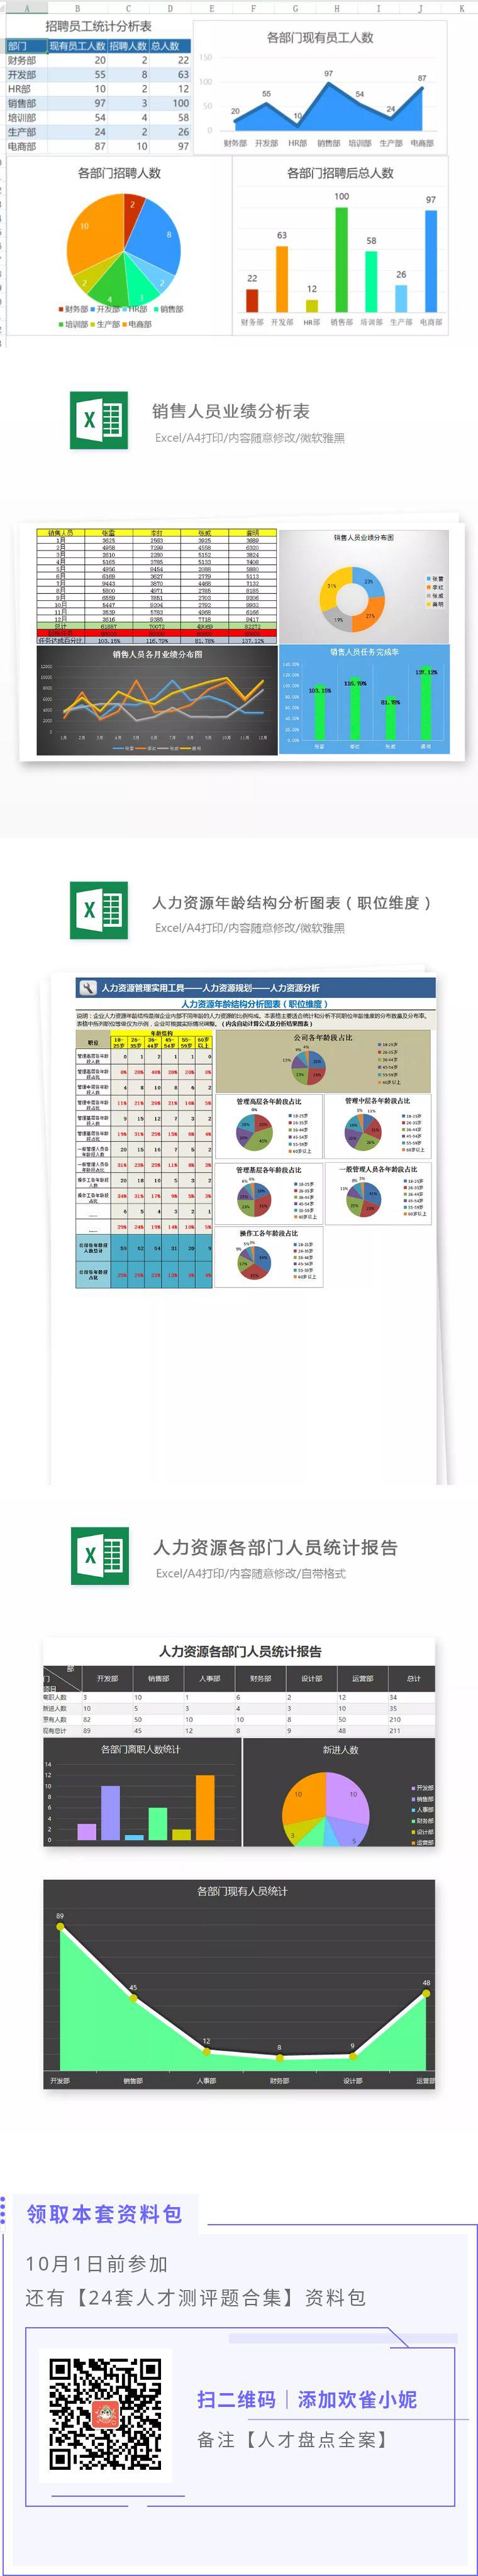 招聘员工统计分析Excel表格